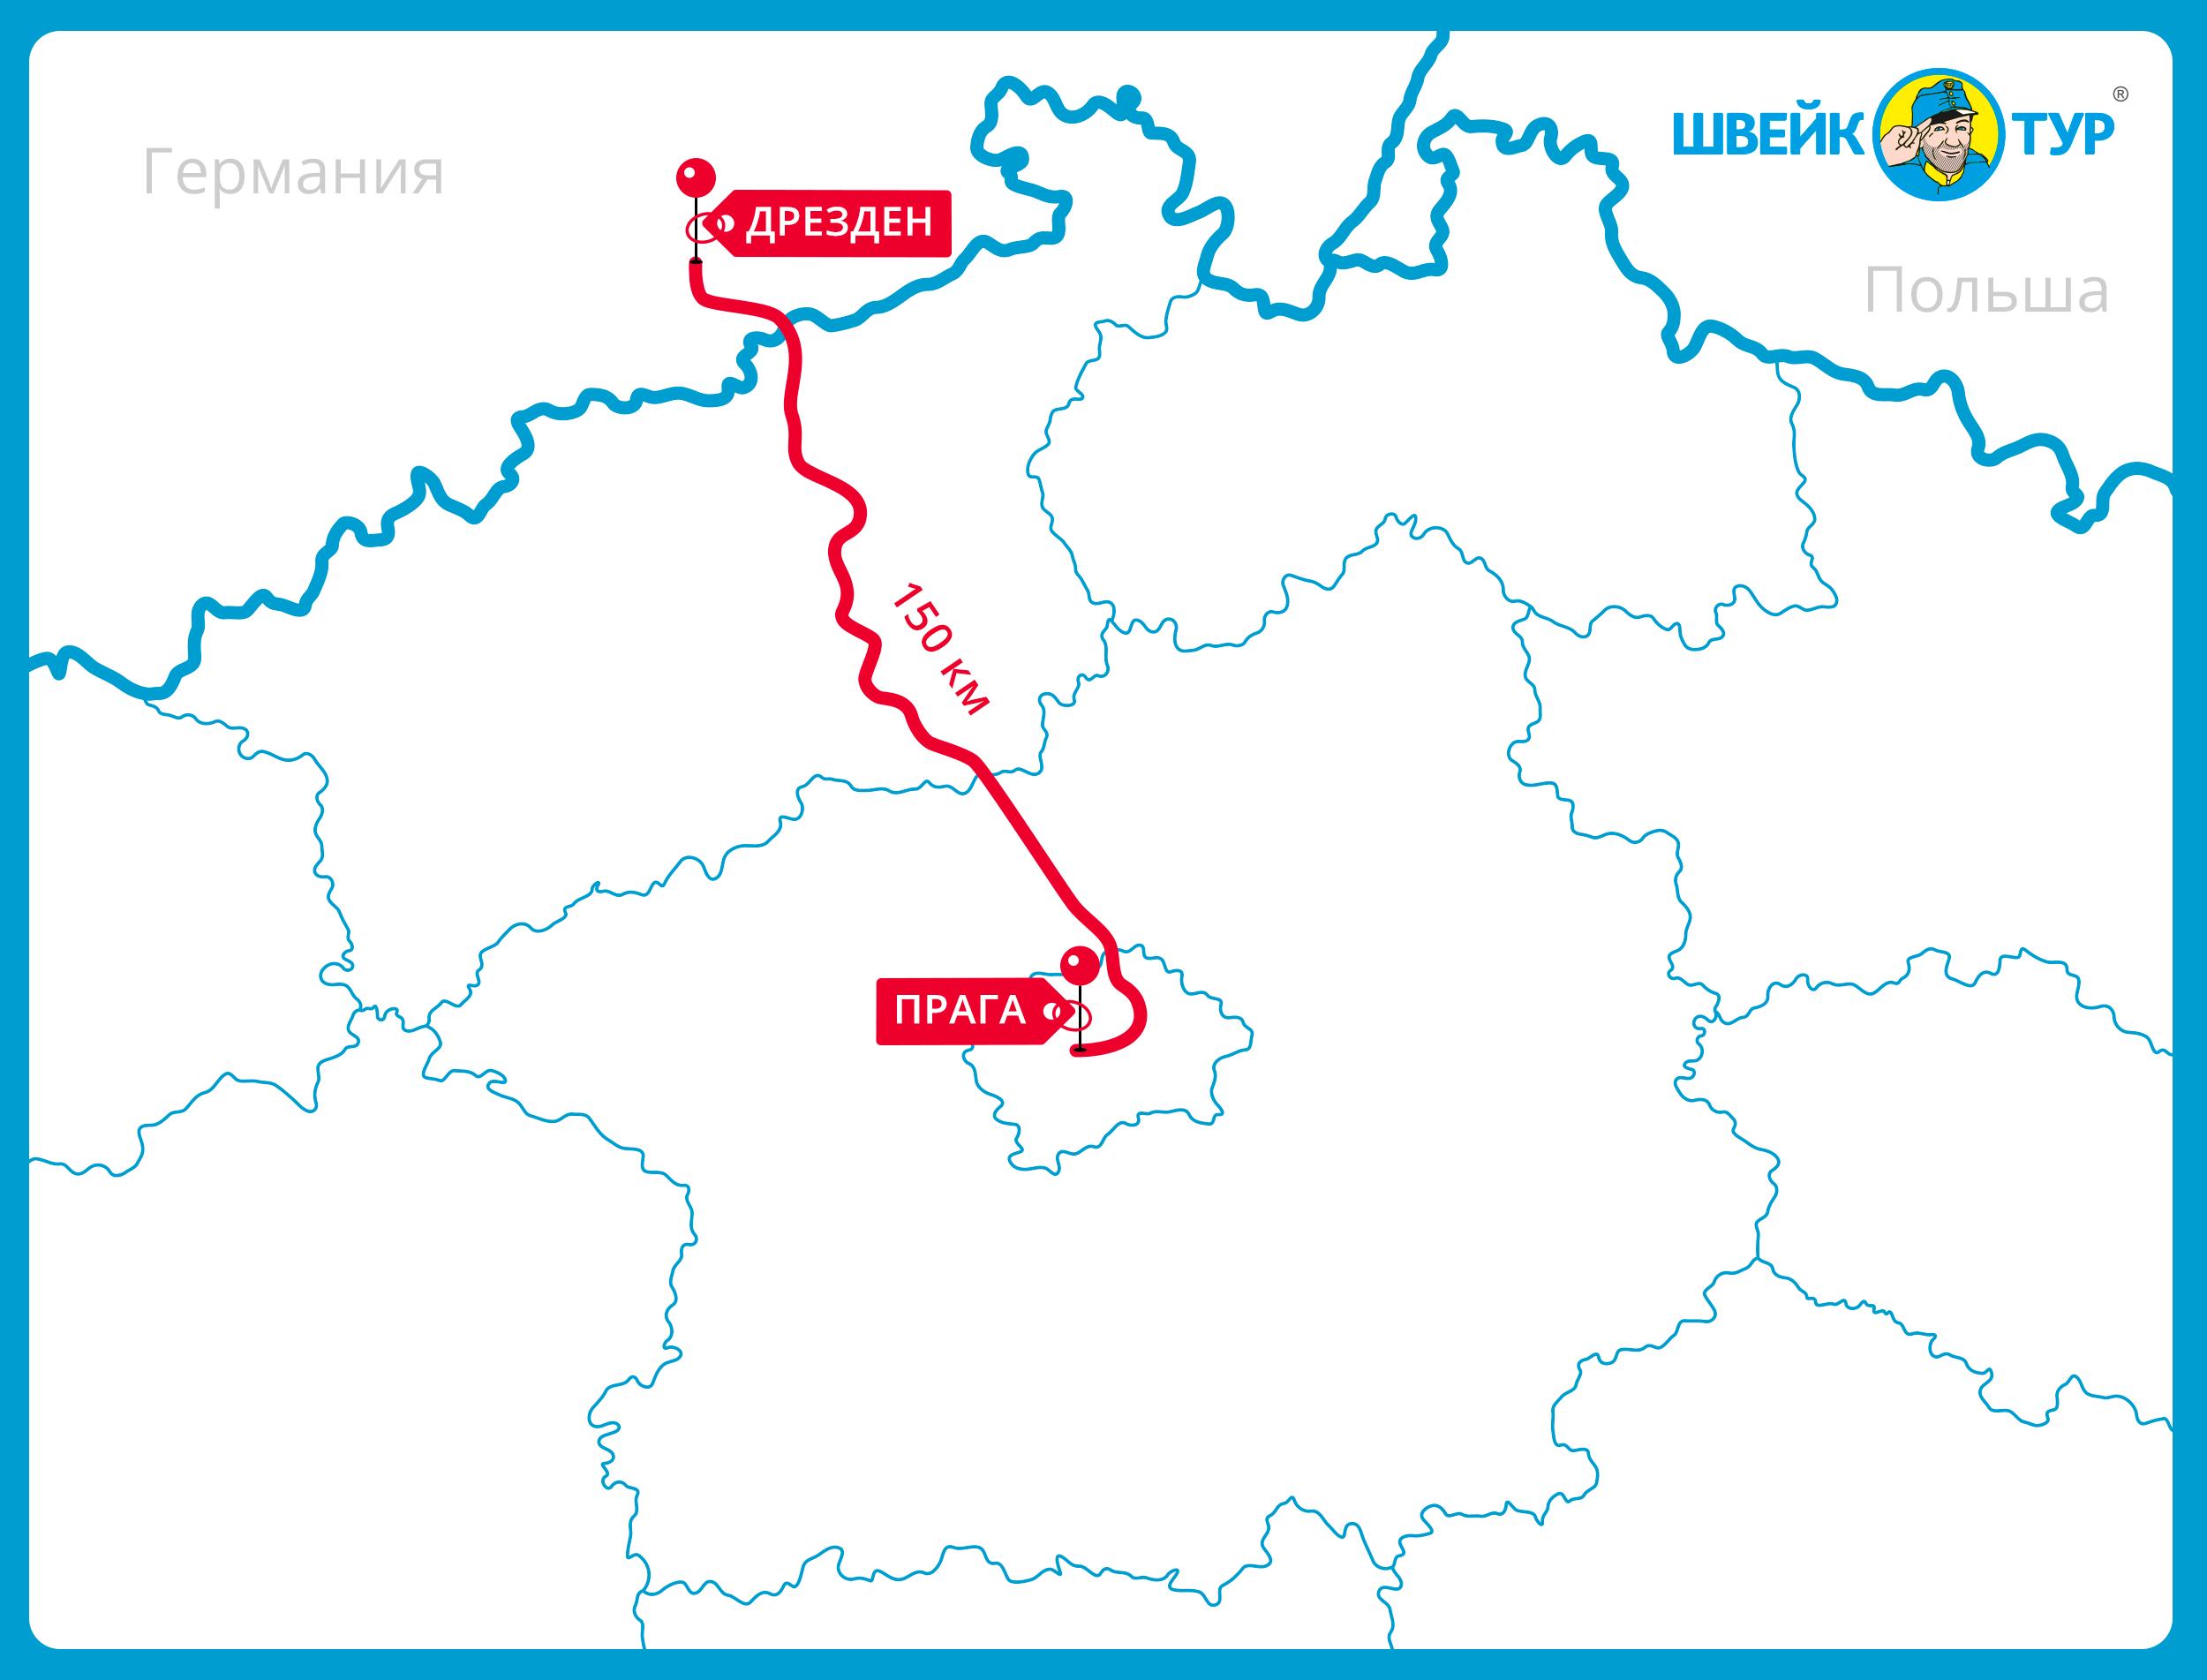 Экскурсия в ДРЕЗДЕН (Германия)